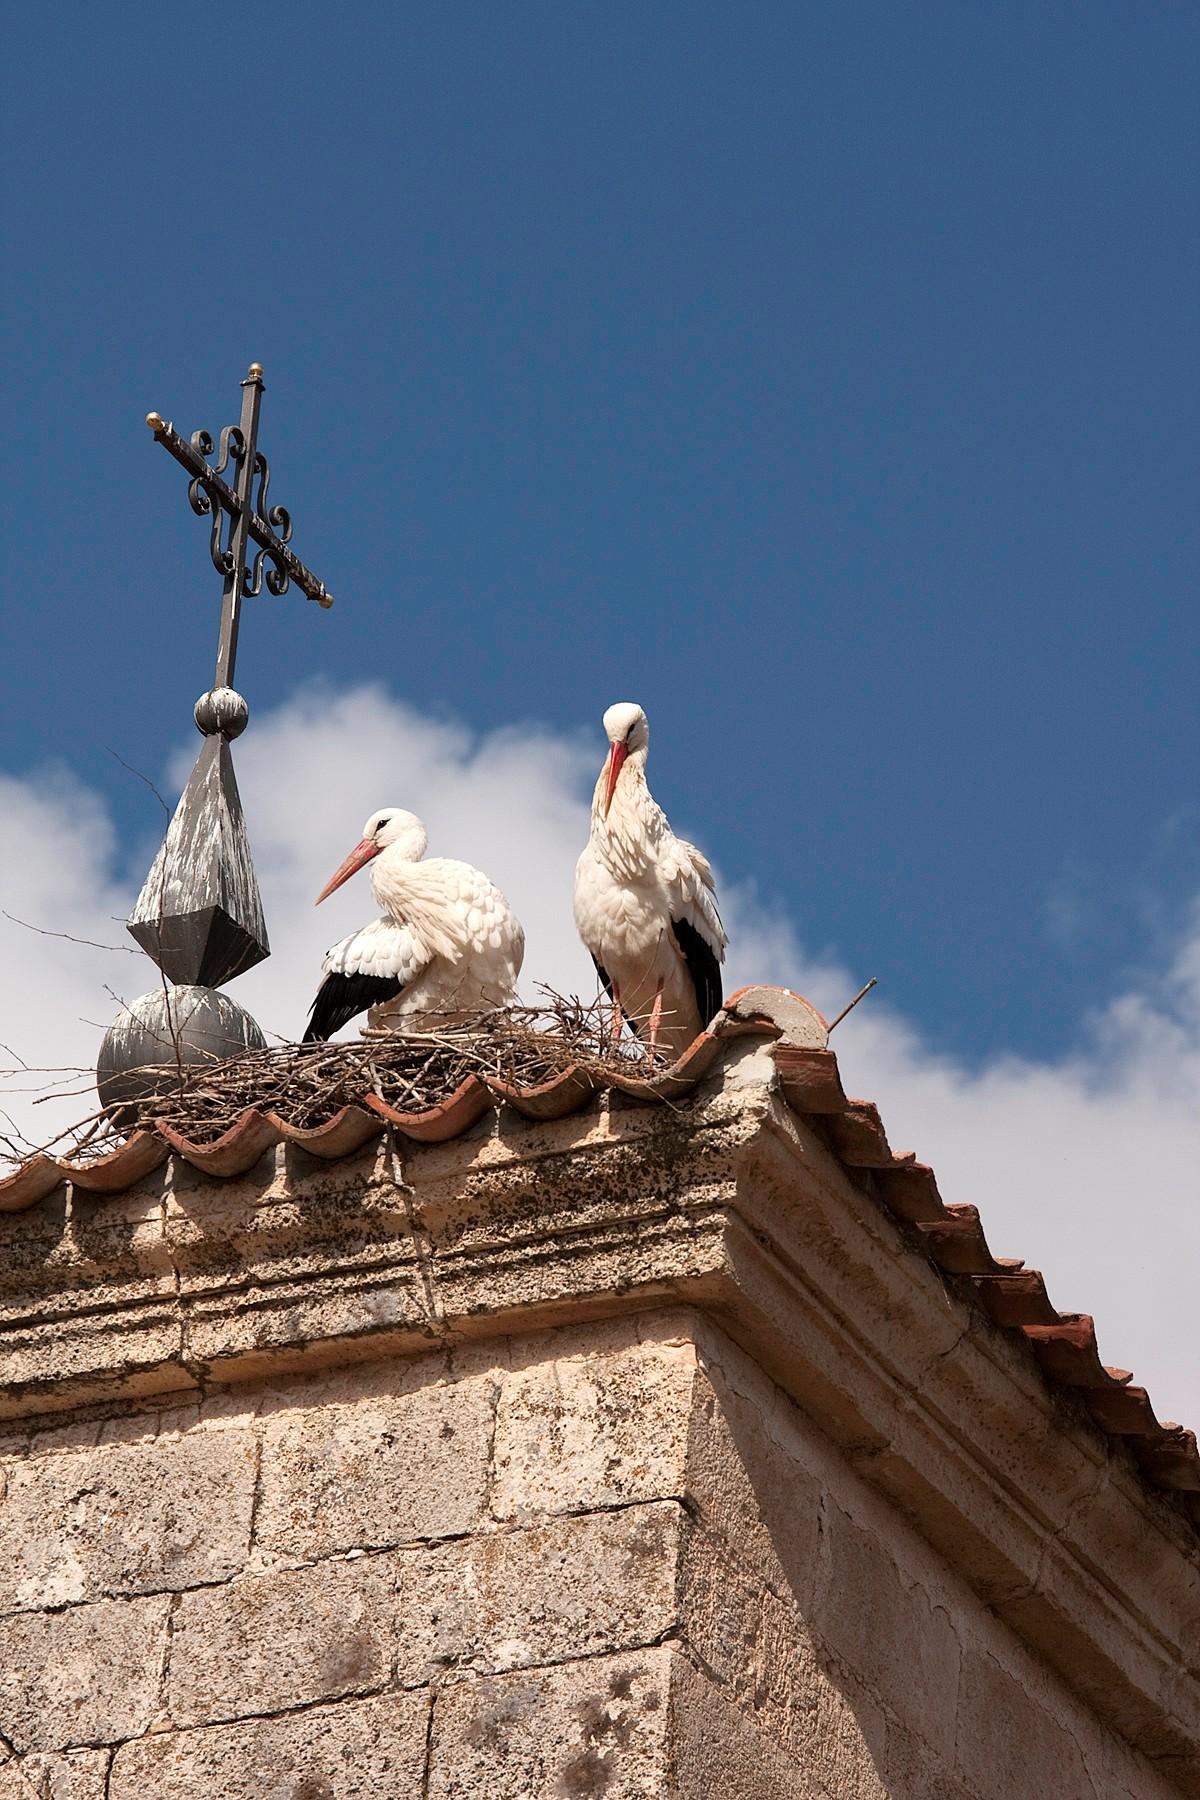 Colectivo Azálvaro entiende la retirada de los nidos de cigüeña de la Iglesia de El Espinar, sólo de forma temporal